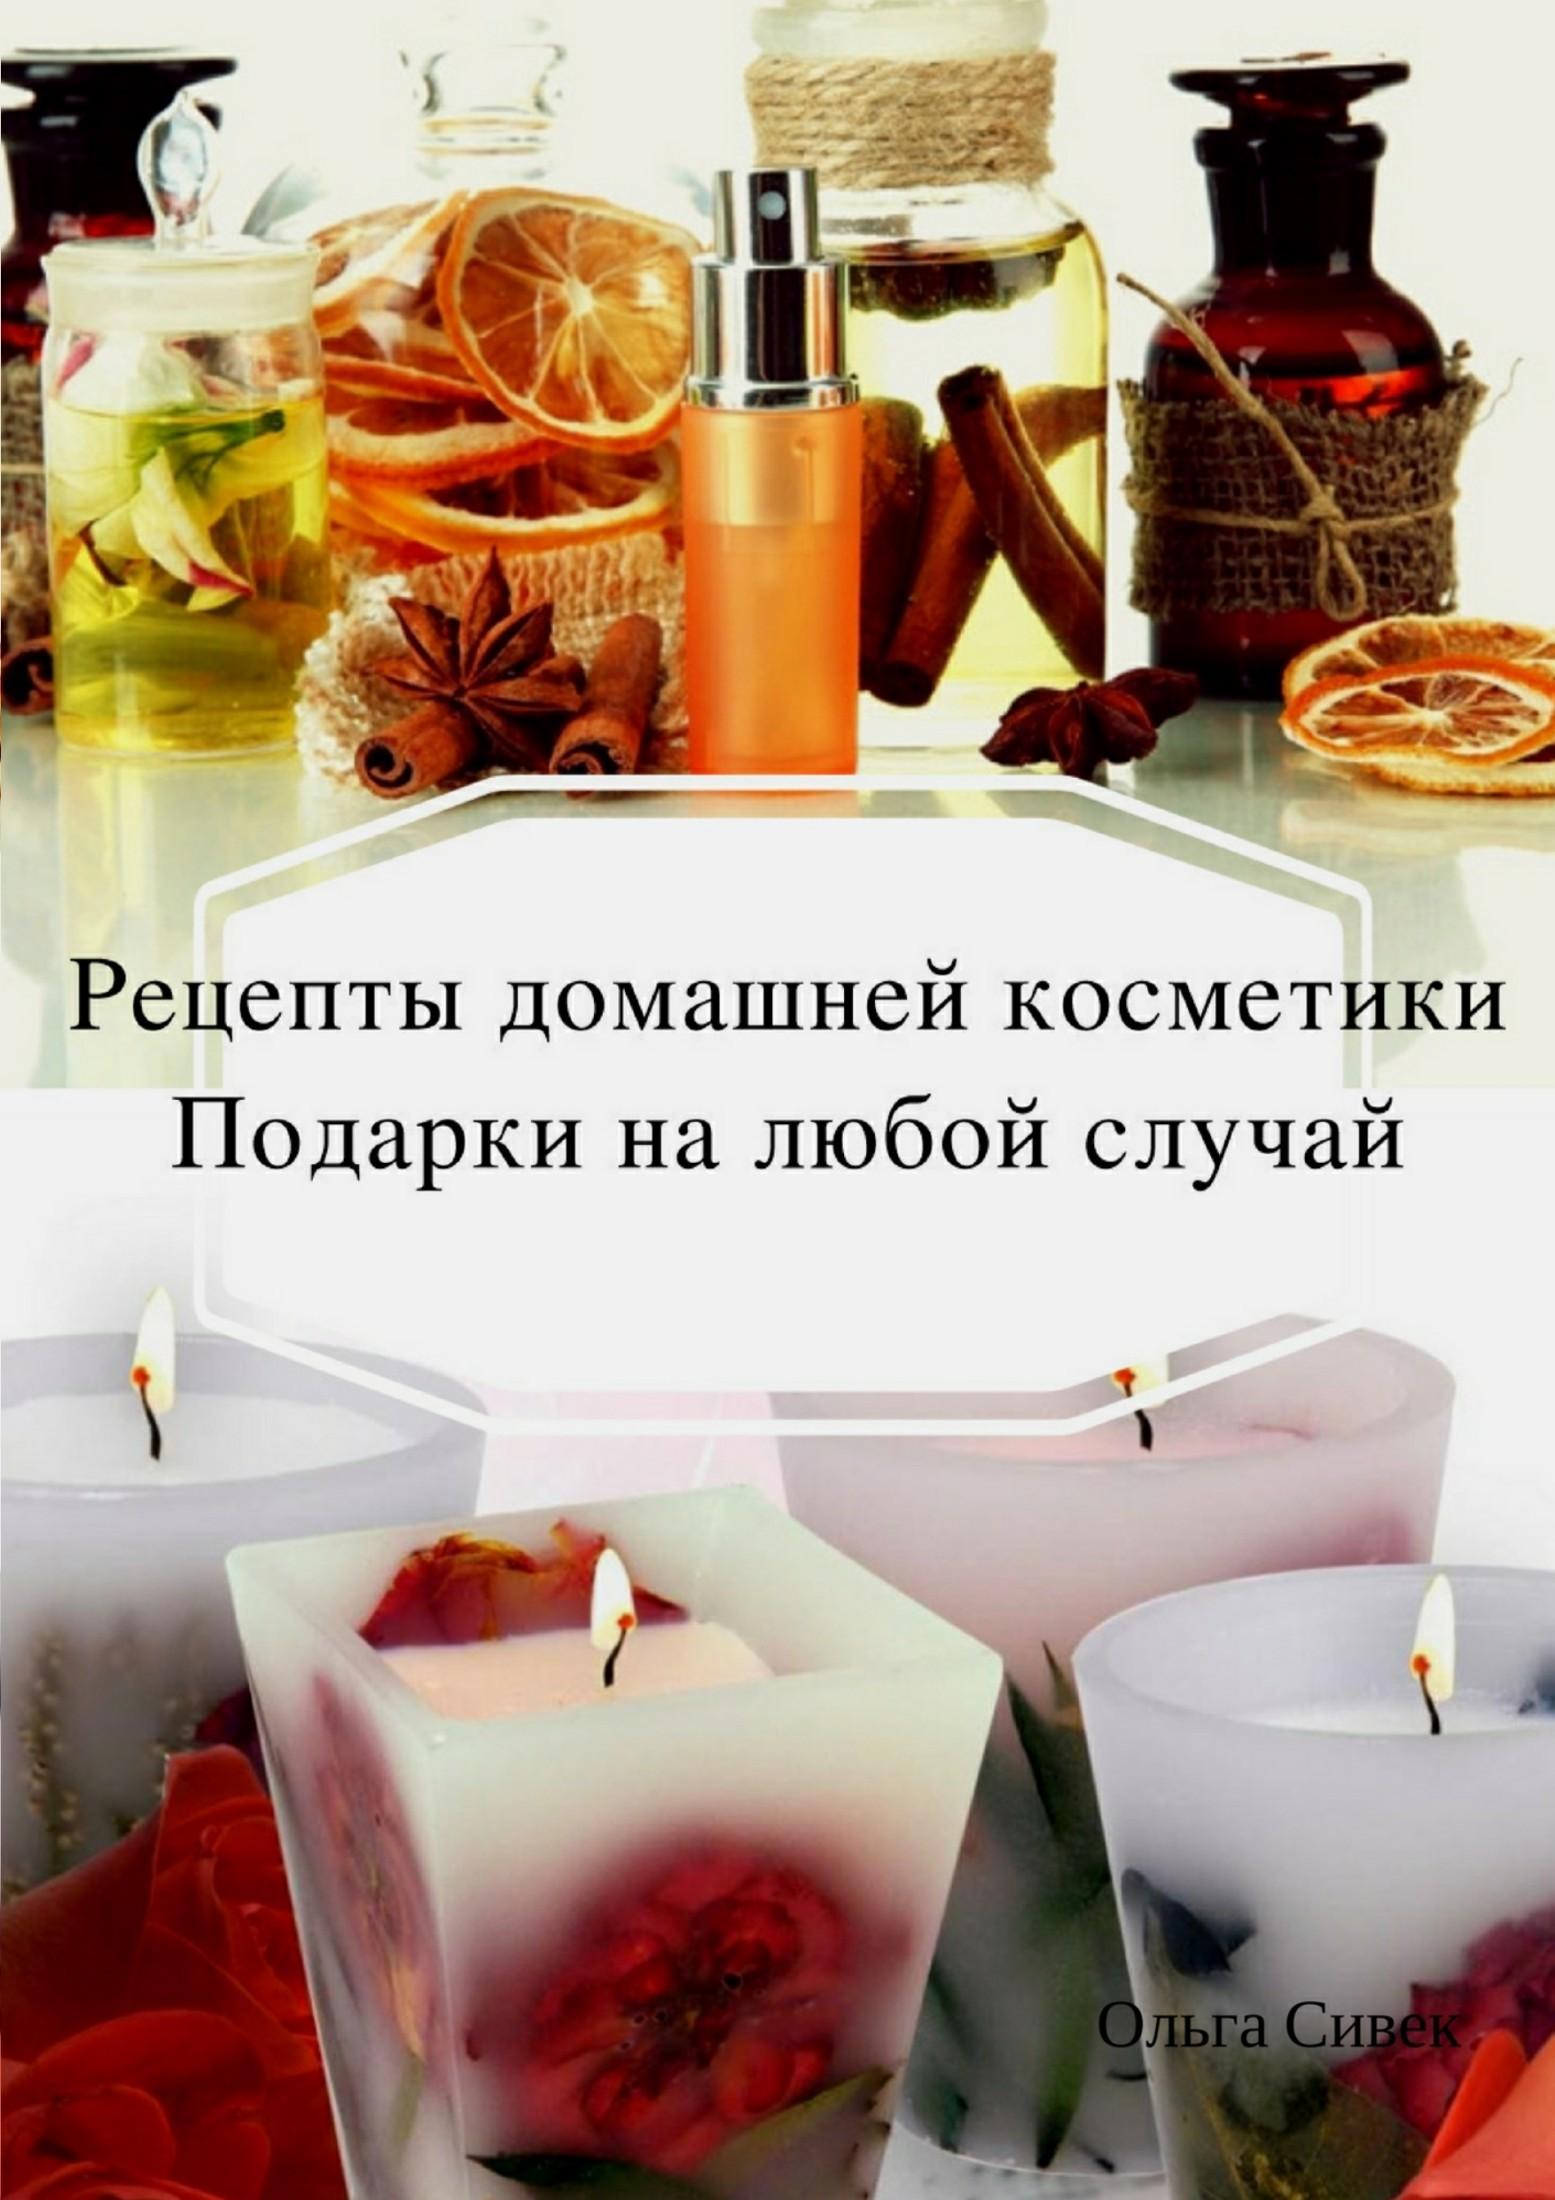 Ольга Сивек Домашняя косметика. Подарки на любой случай